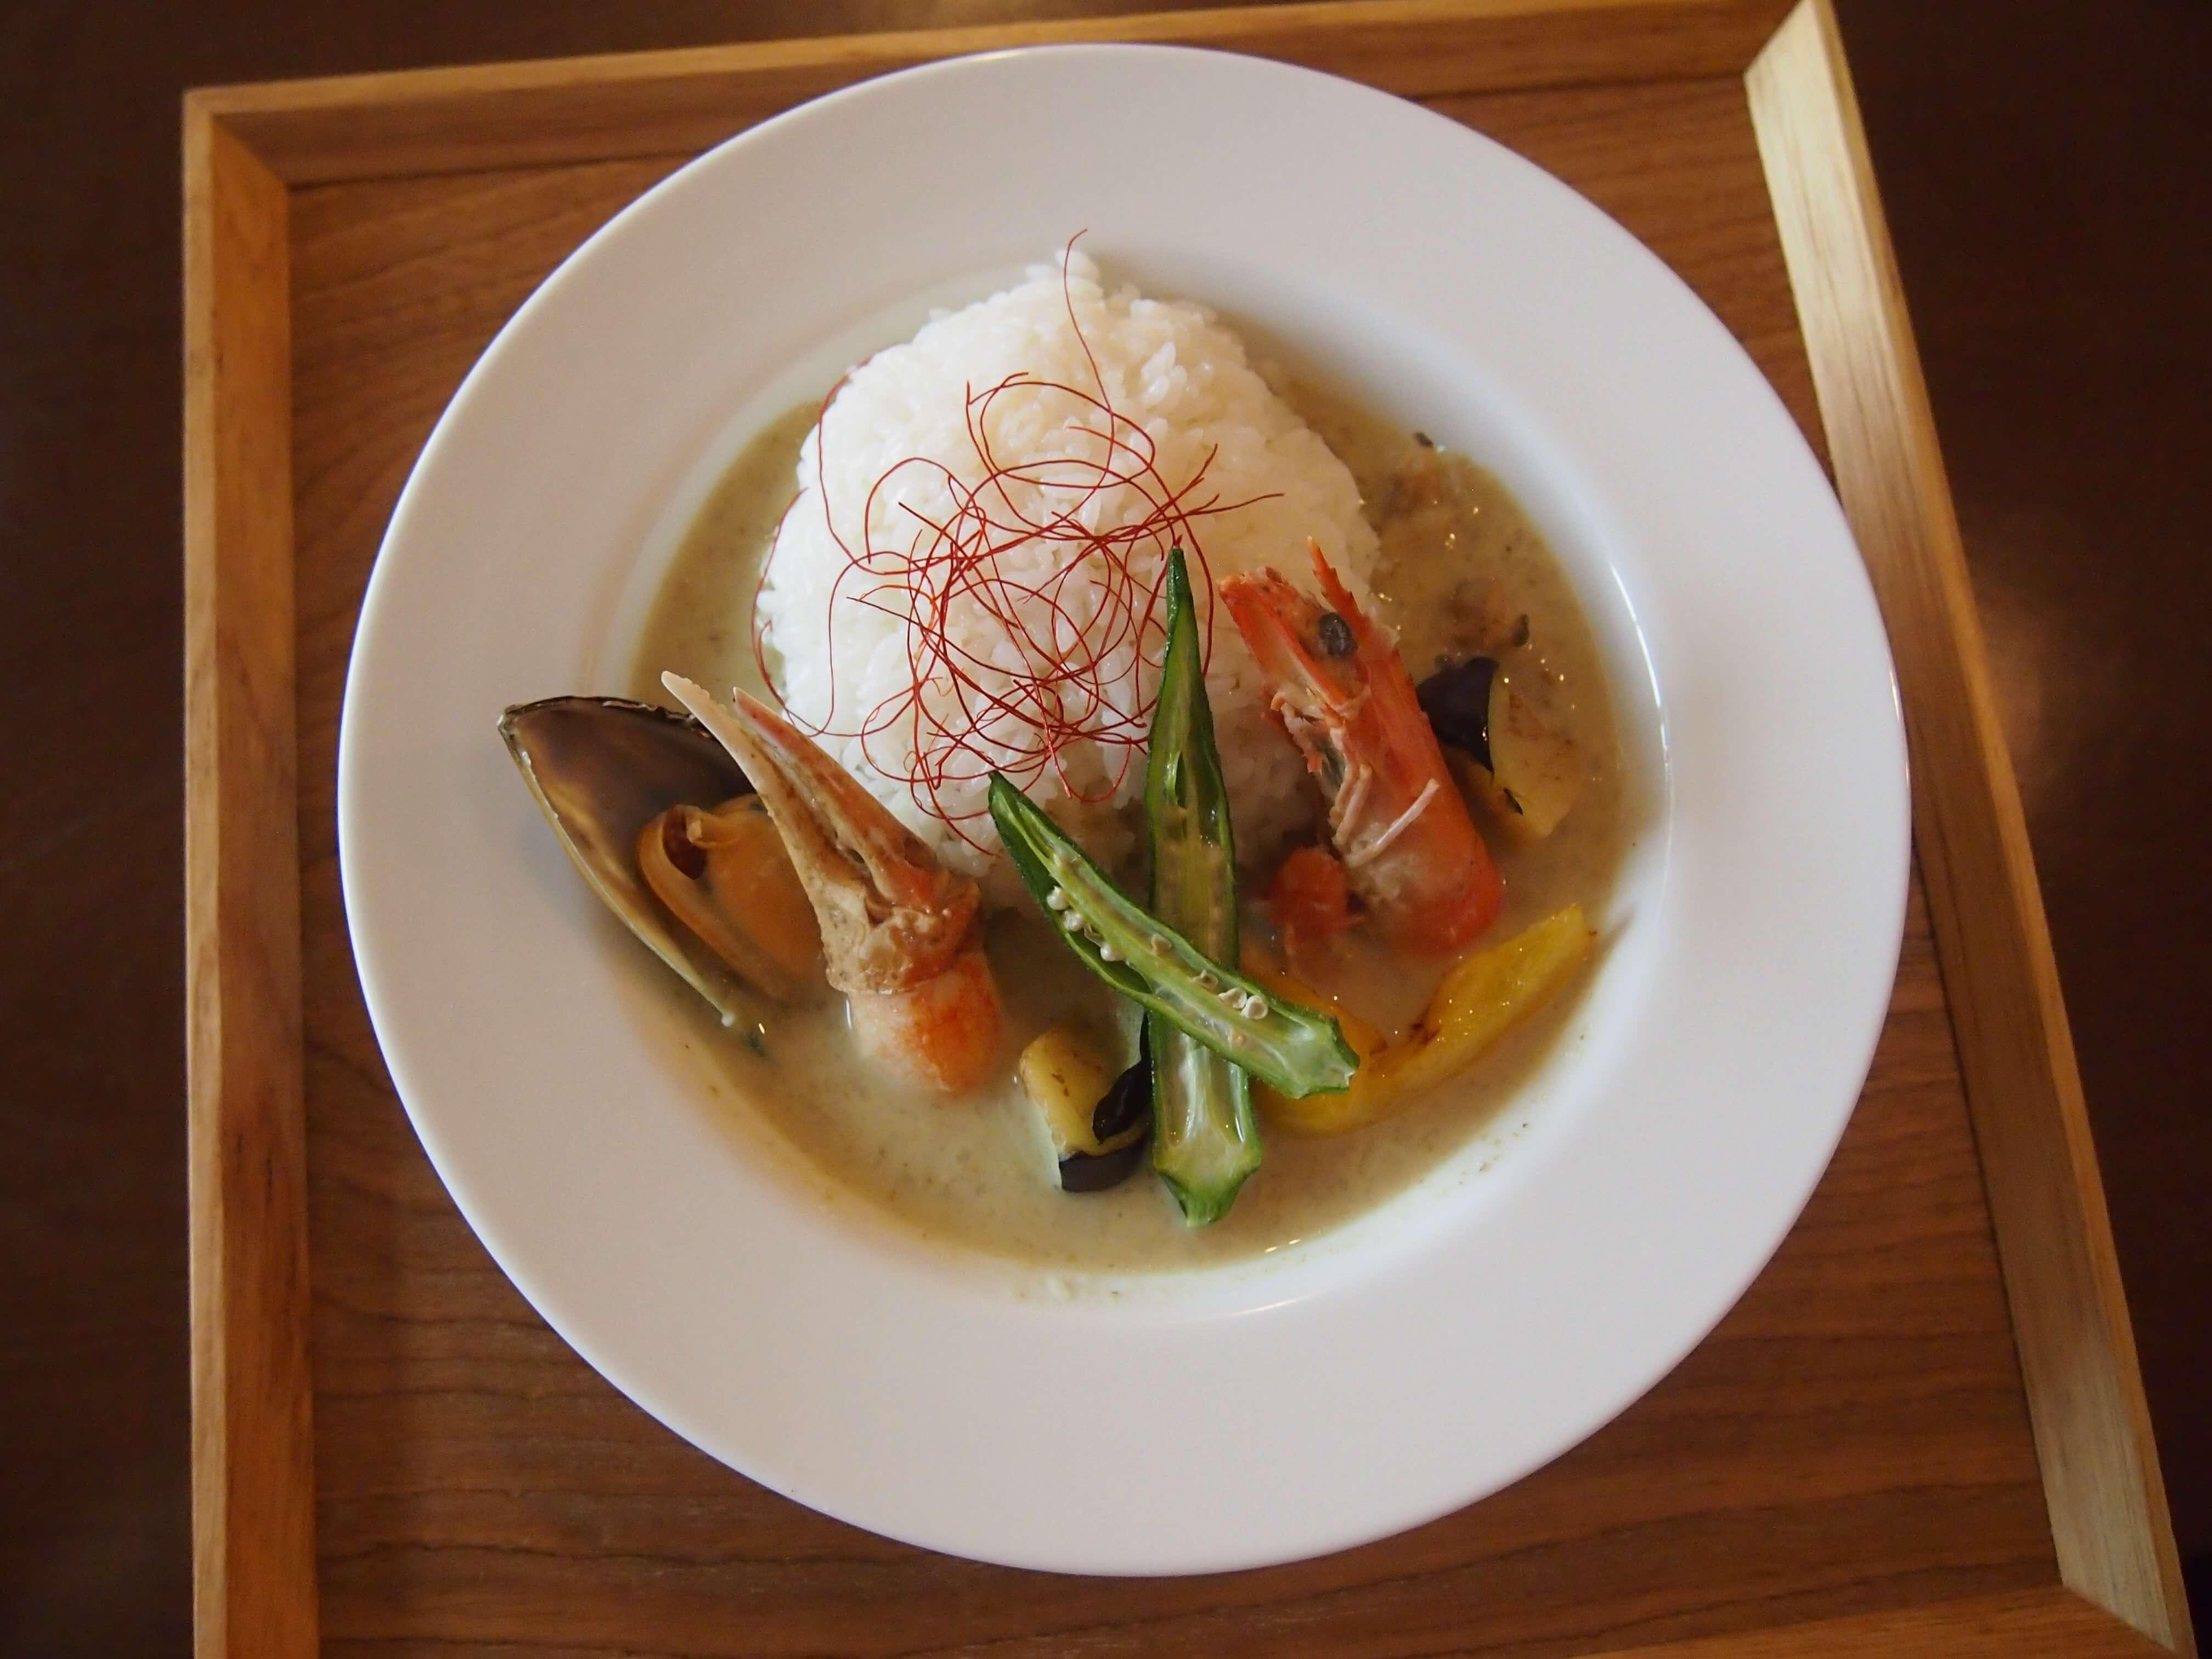 【ランチ】「スパイス食堂 MILL」のシーフードグリーンカレー【酒田】